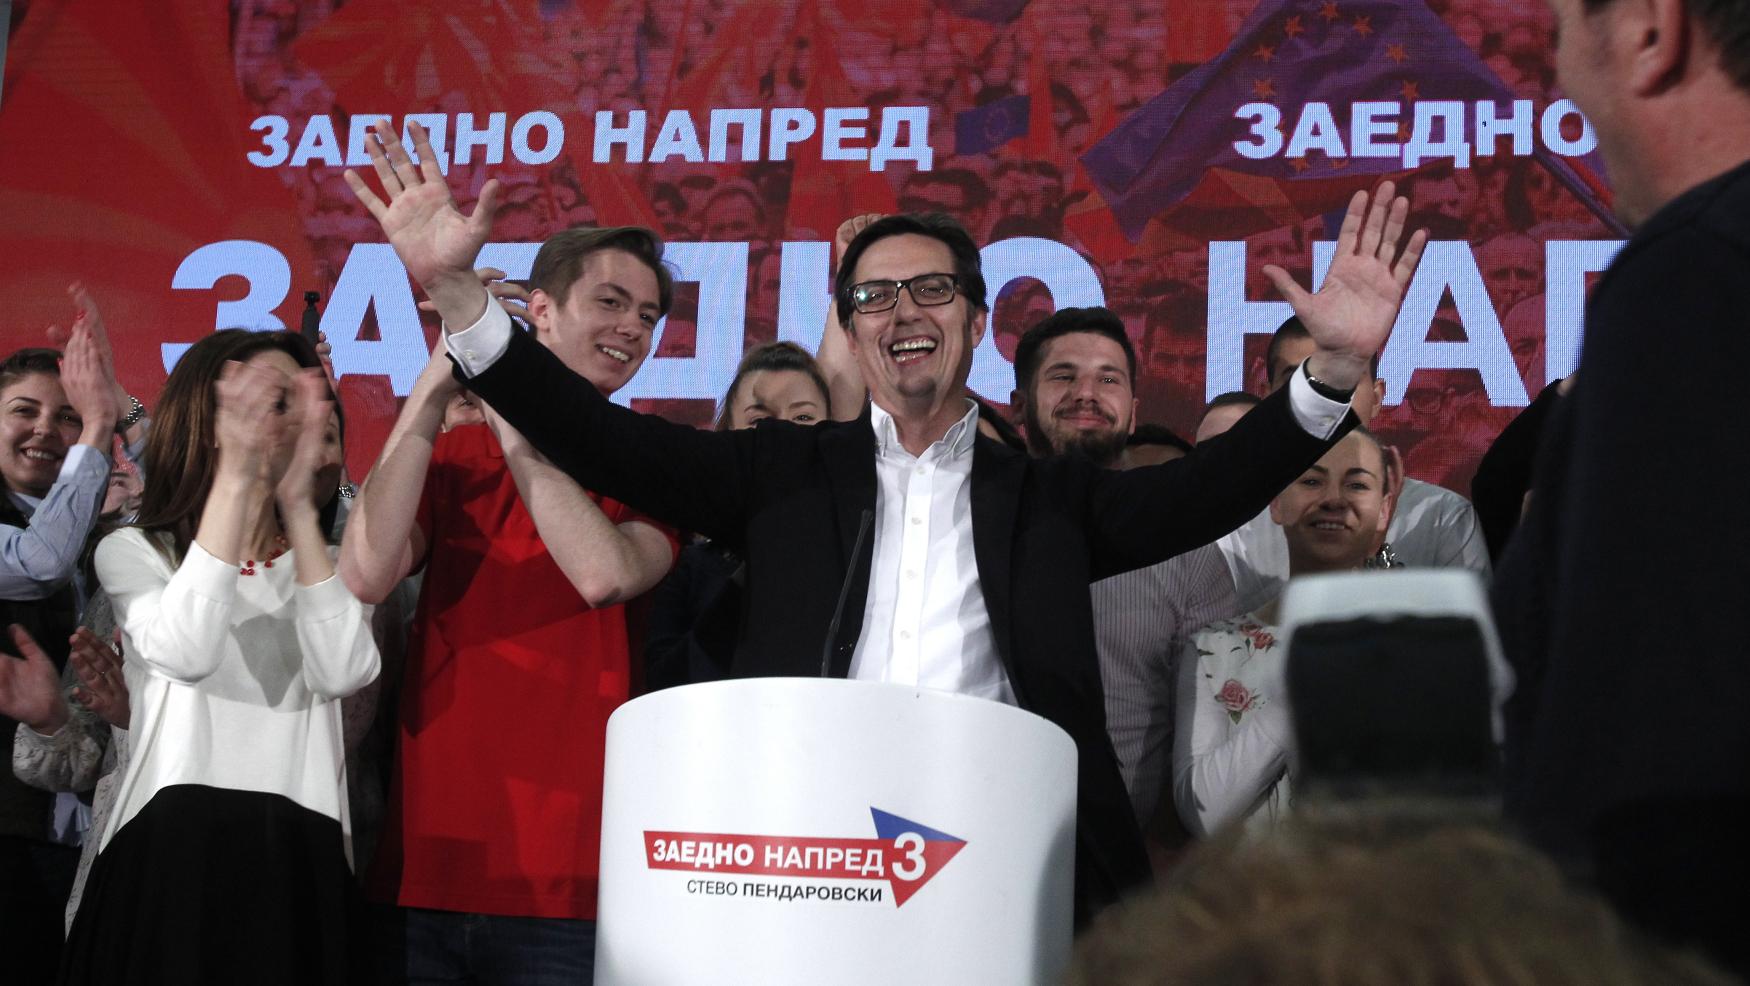 Kandidát vládní sociální demokracie Stevo Pendarovski vyhrál prezidentské volby v Severní Makedonii